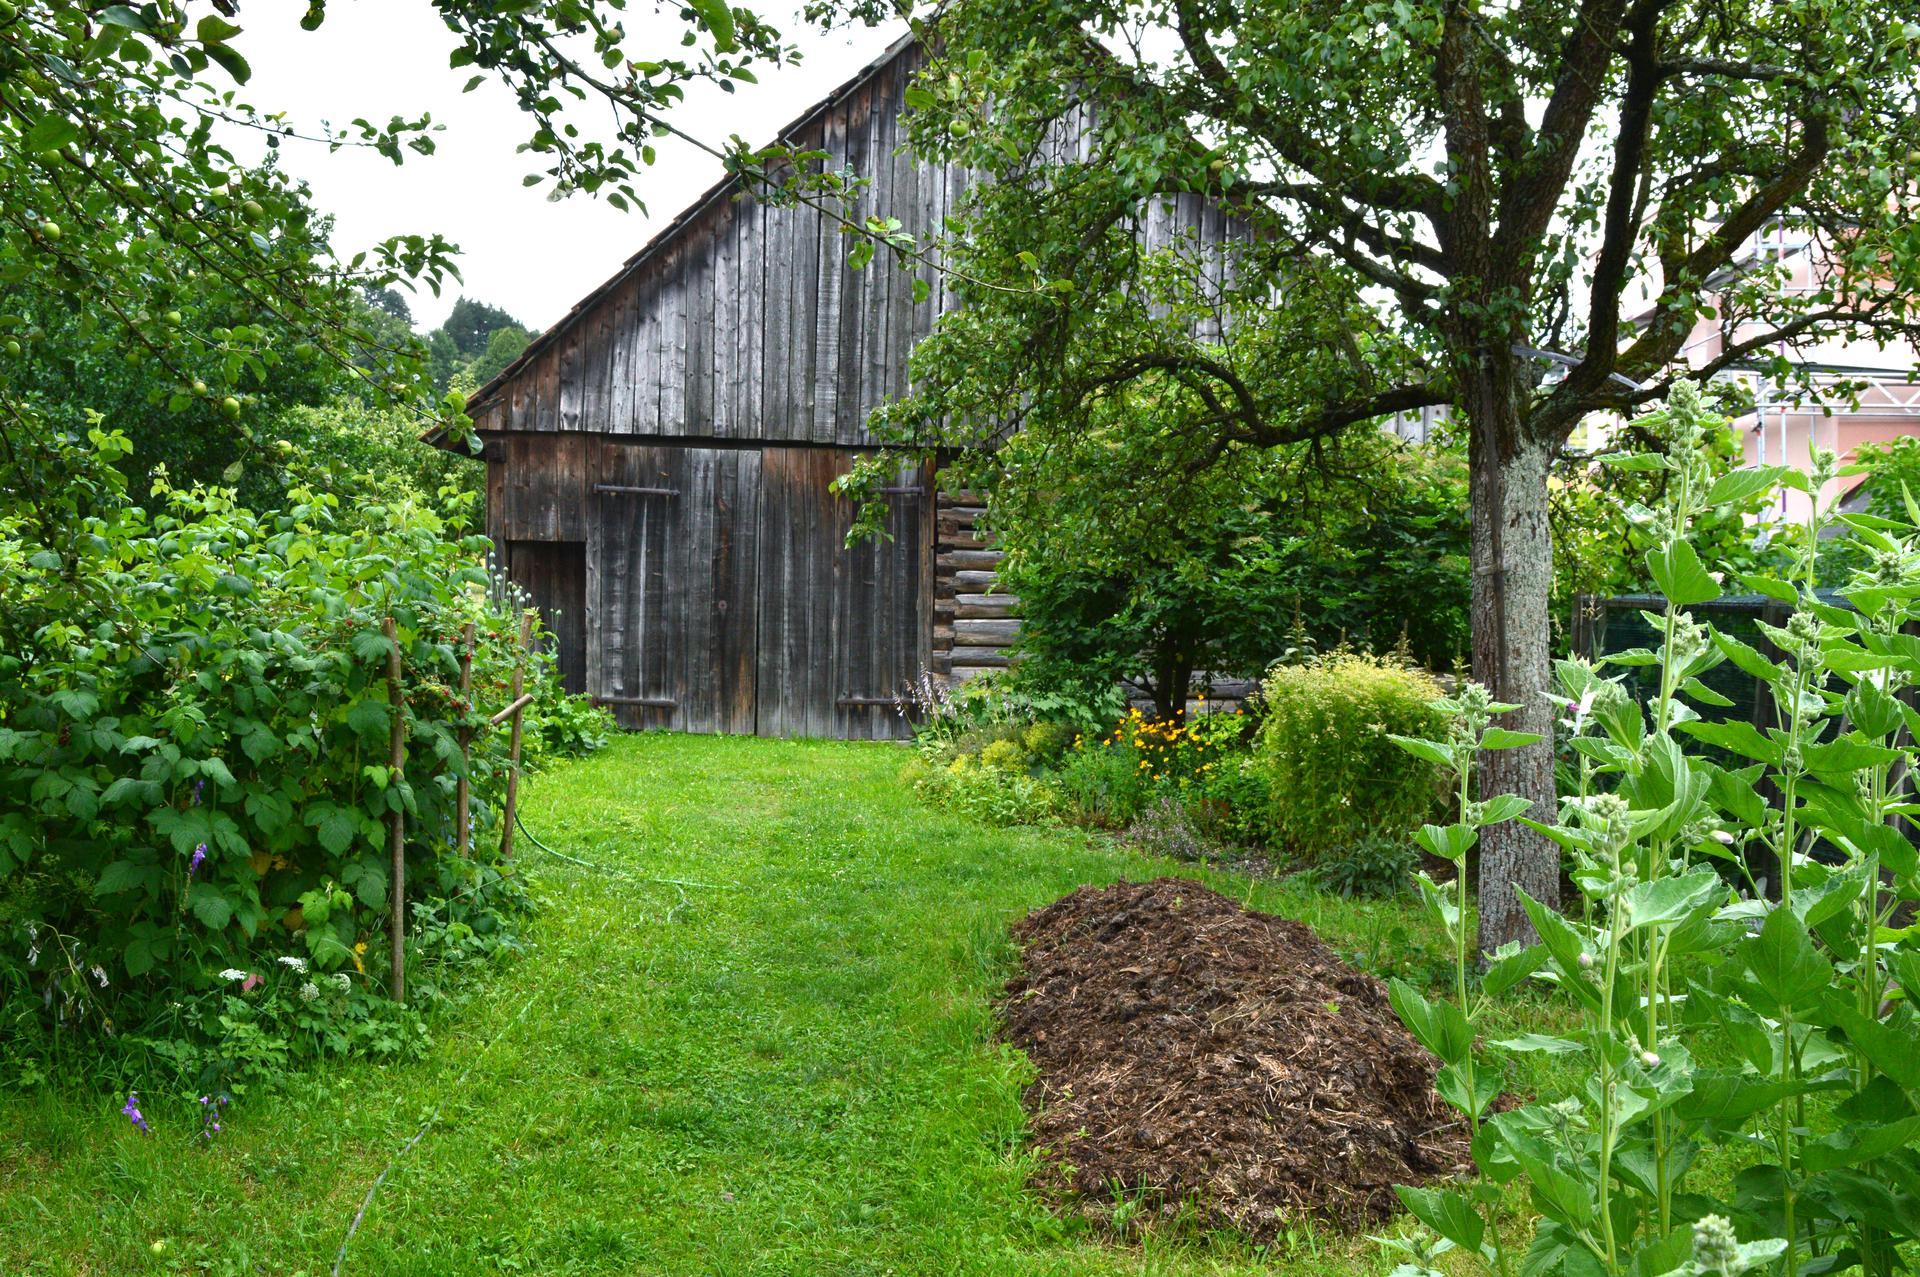 Naša prírodná perma záhradka v roku 2020 - no a pár spomienok / premien: https://www.modrastrecha.sk/blog/ivus78/album/nasa-nielen-permakulturna-zahradka-44mdg9/13917230/